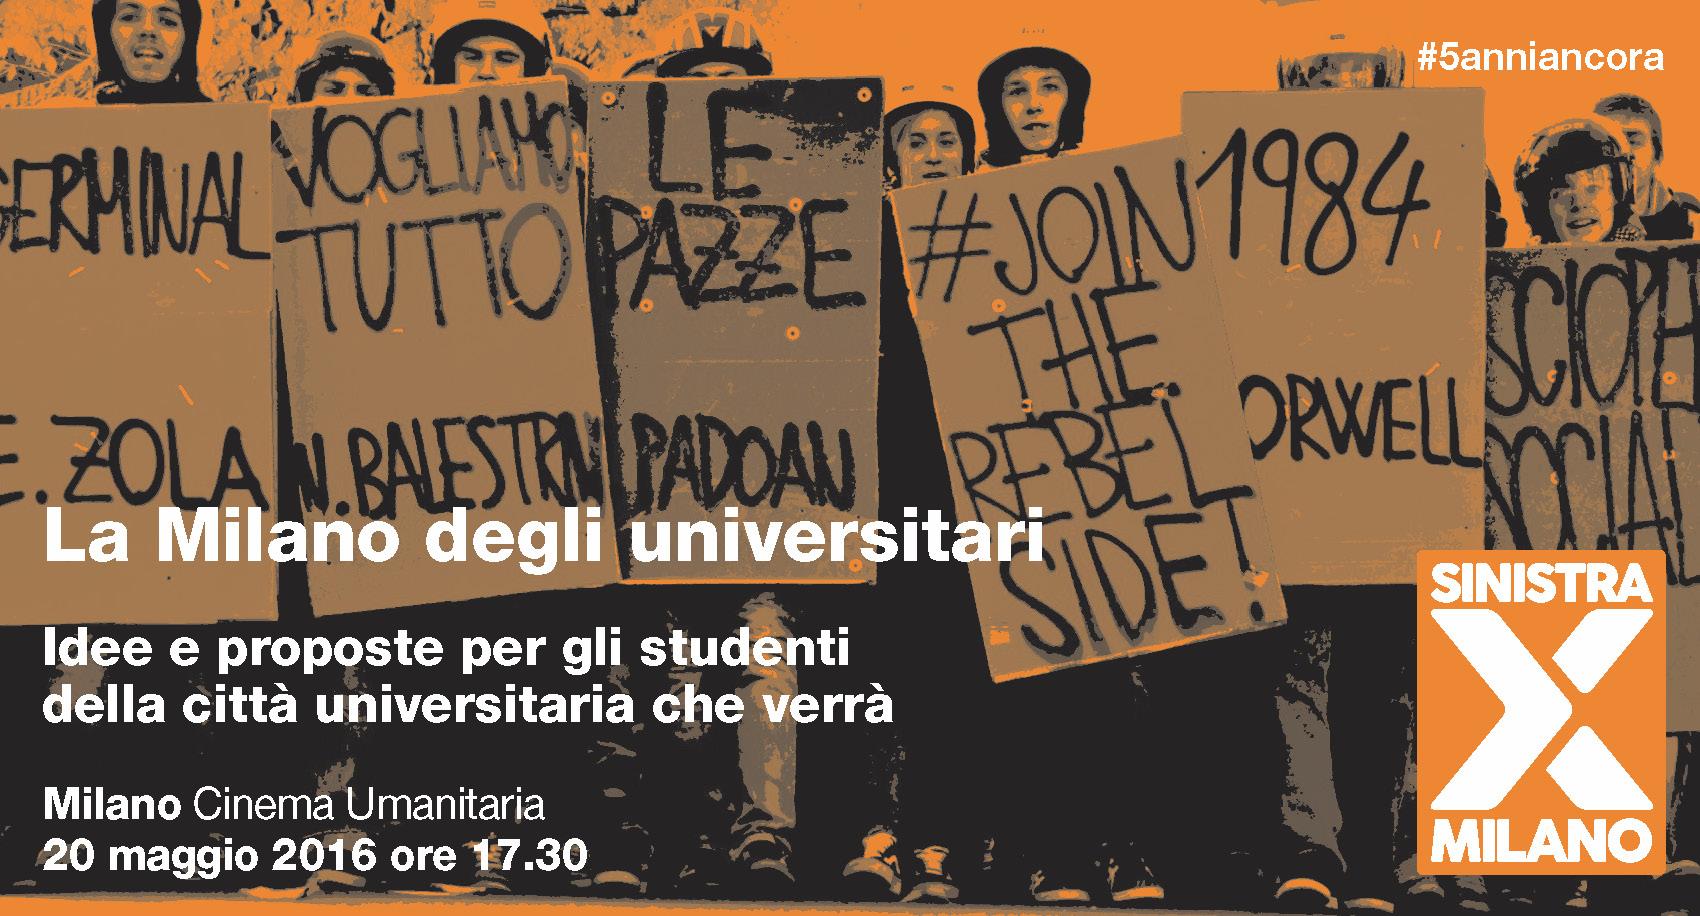 La Milano degli universitari